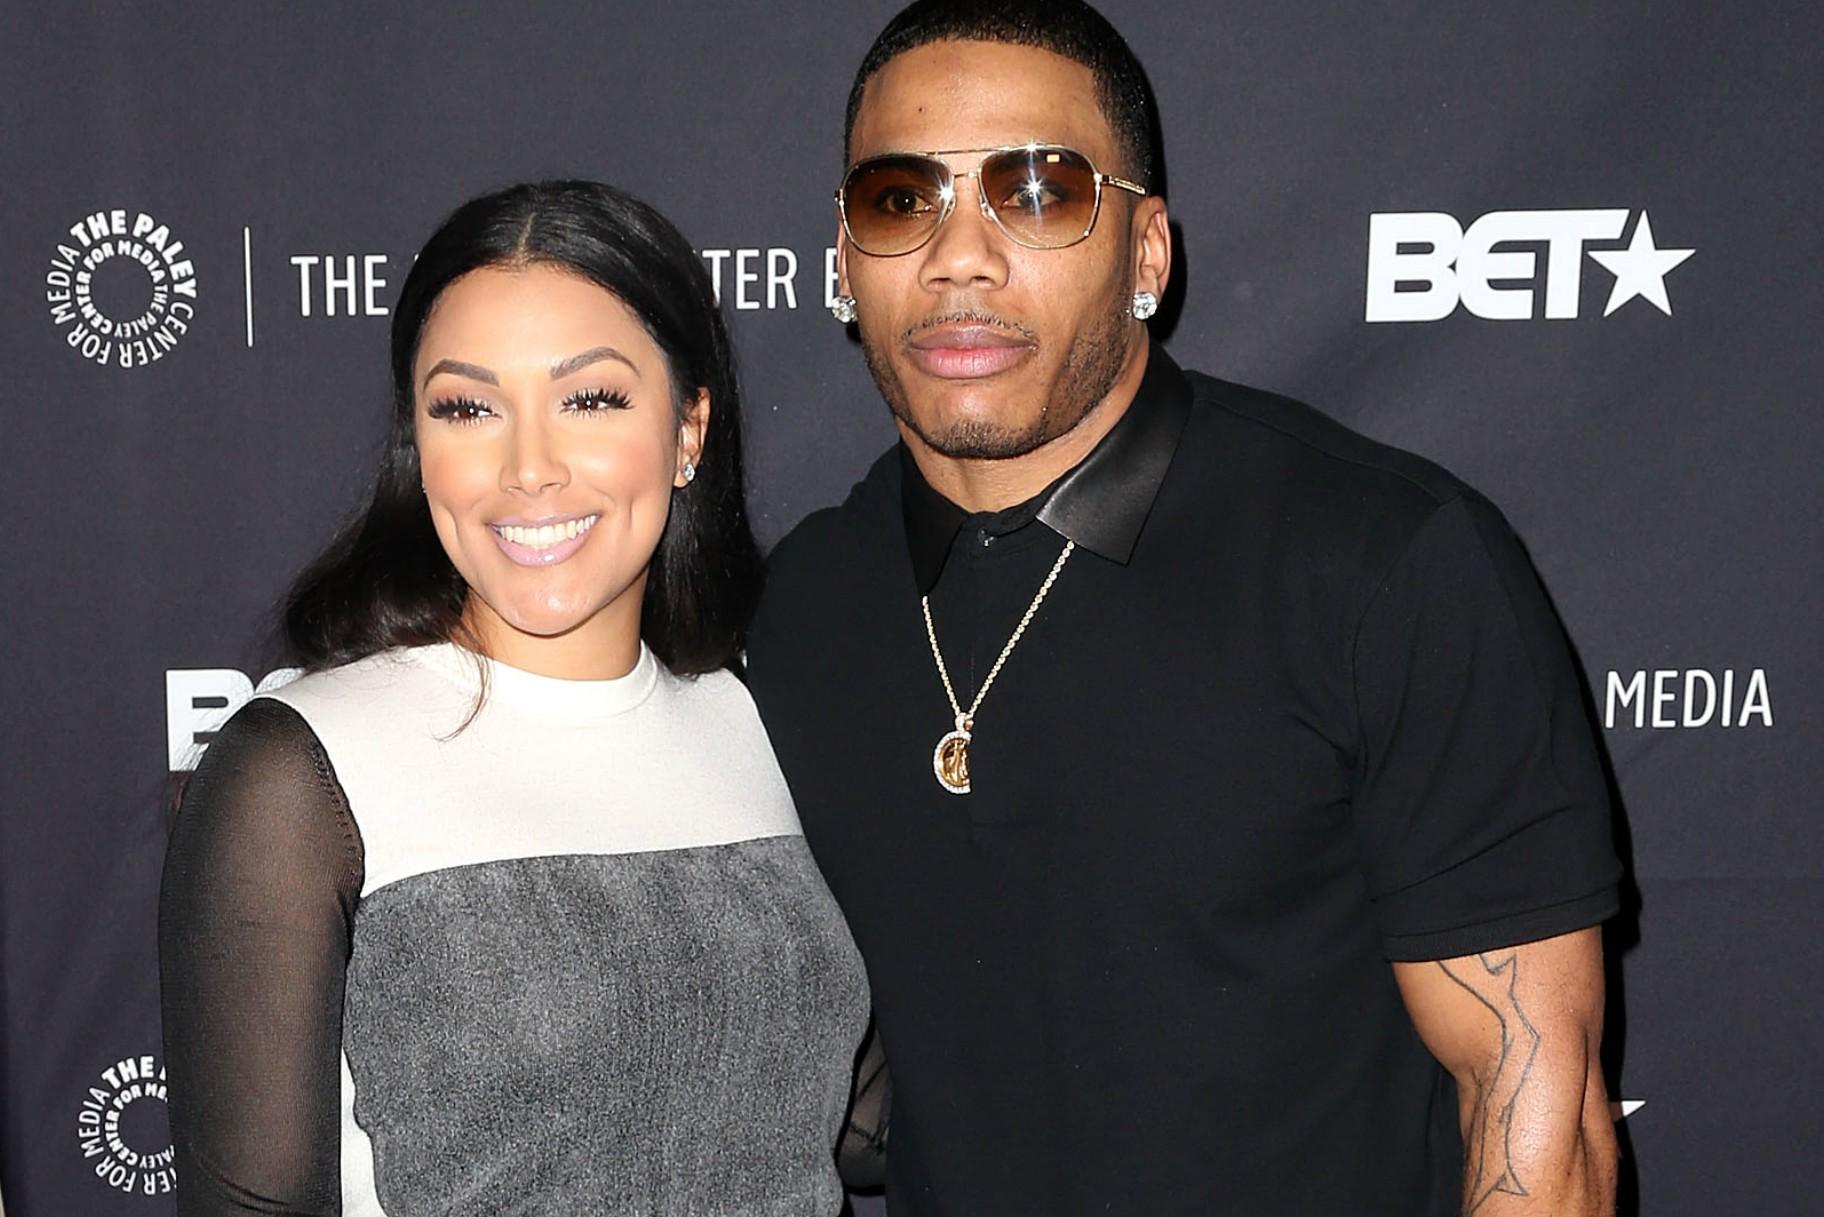 Η φίλη της Nelly Shantel Jackson καλεί ψευδείς ισχυρισμούς για νέες κατηγορίες επίθεσης, λέει ότι ήταν μαζί του στην περιοδεία